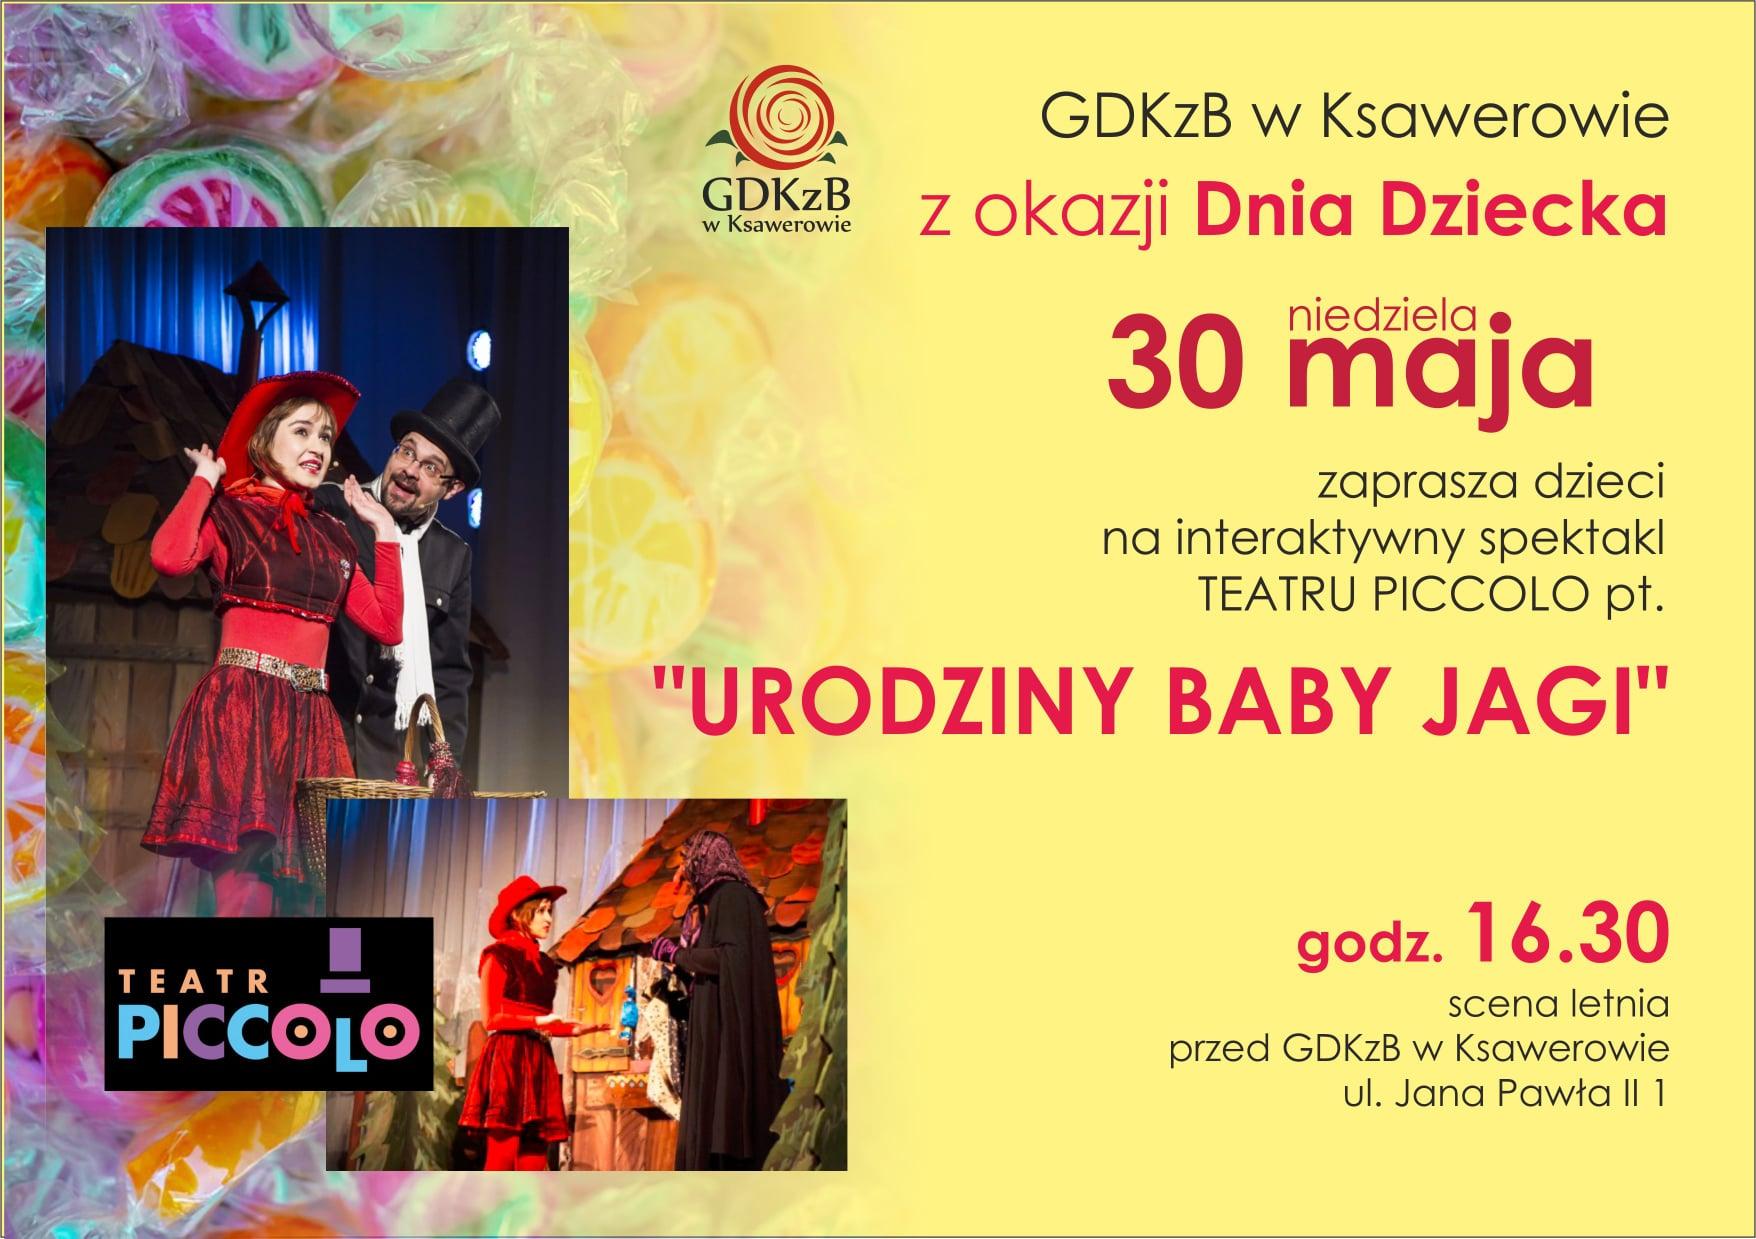 GDKzB w Ksawerowie z okazji dnia dziecka 30 maja zaprasza dzieci na interaktywny spektakl Teatru Picolo pod tytułem Urodziny Baby Jagi. godzina 16:30. scena letnia przed gdkzb w ksawerowie u. jana pawła II nr 1